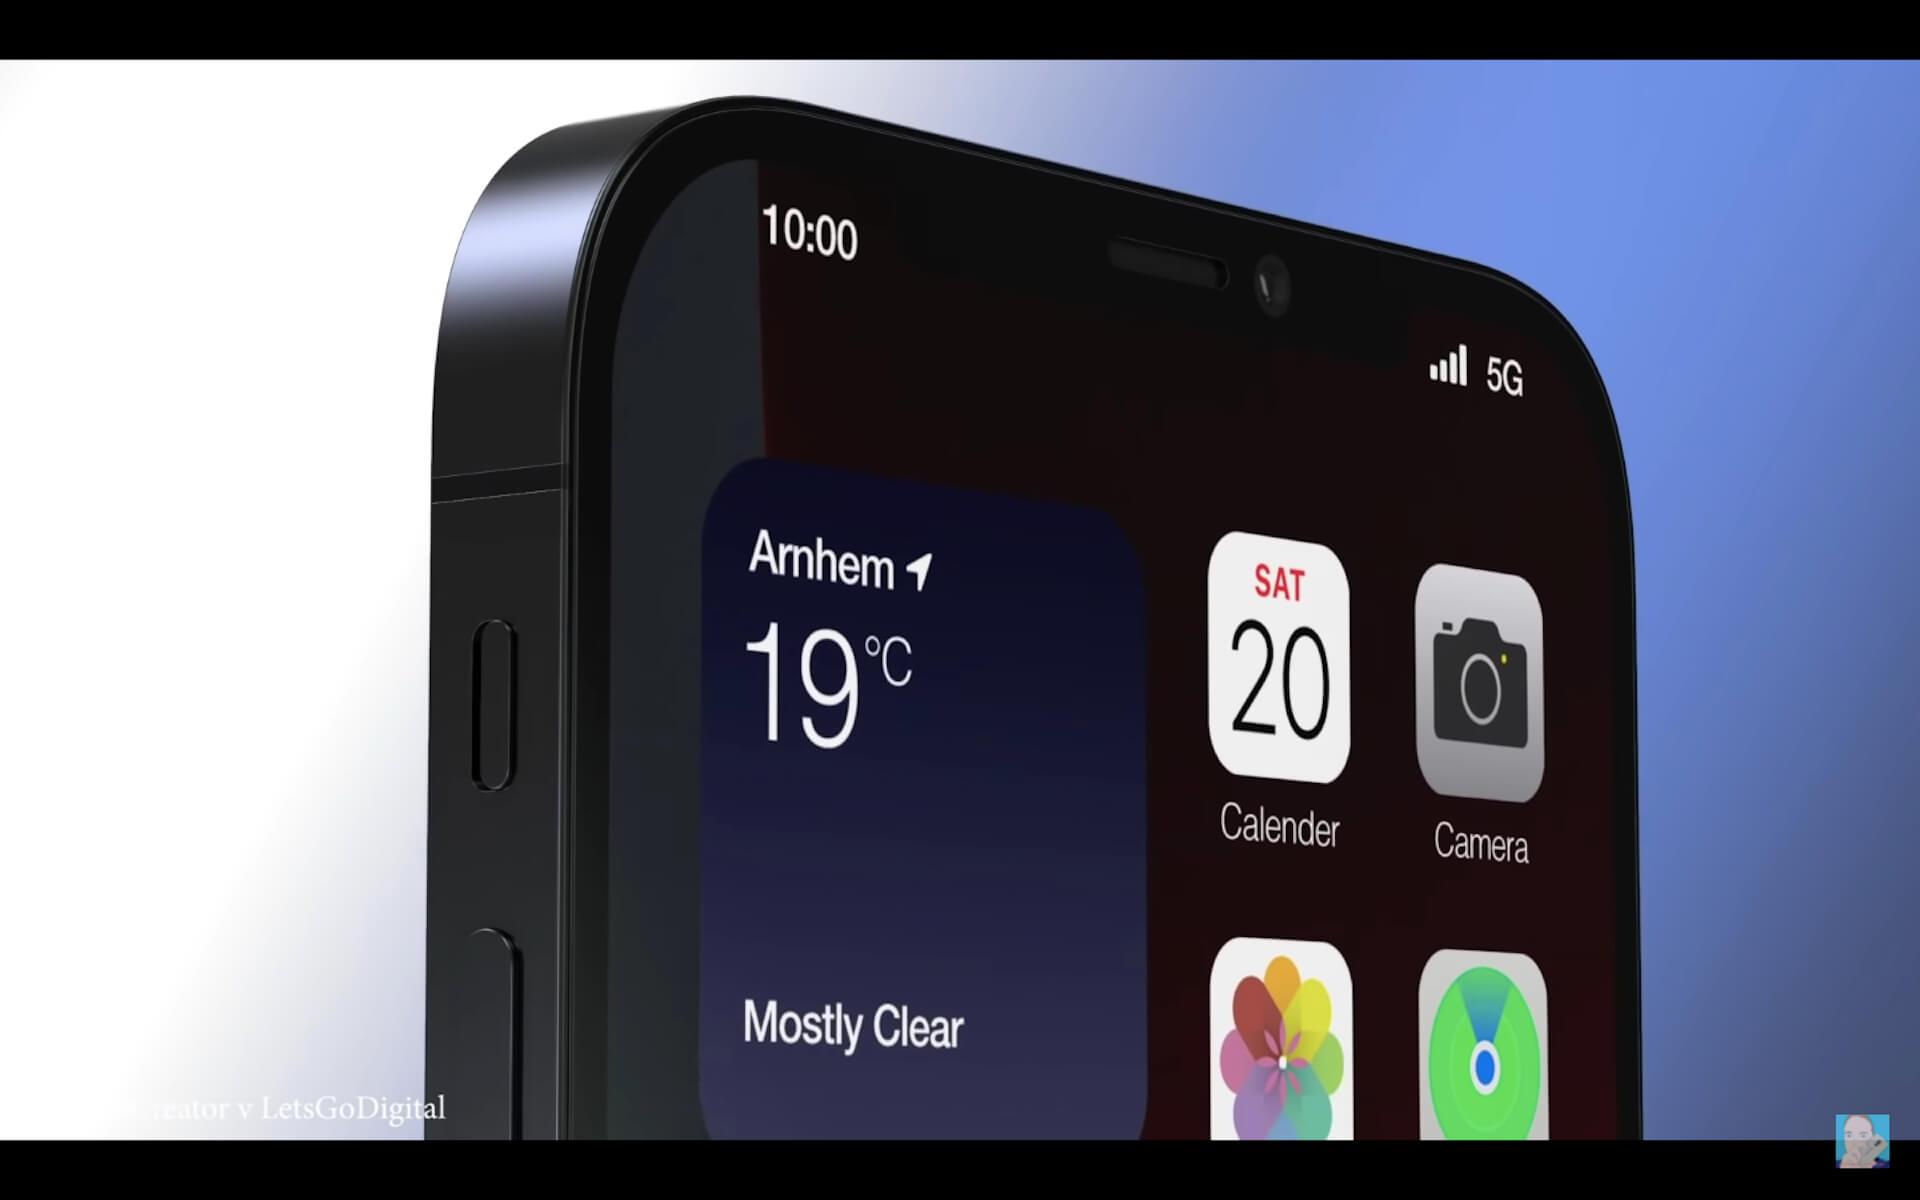 新型iPhoneのデザインはこうなる?リーク情報を基にしたコンセプト動画が公開 tech210201_iphone13_1